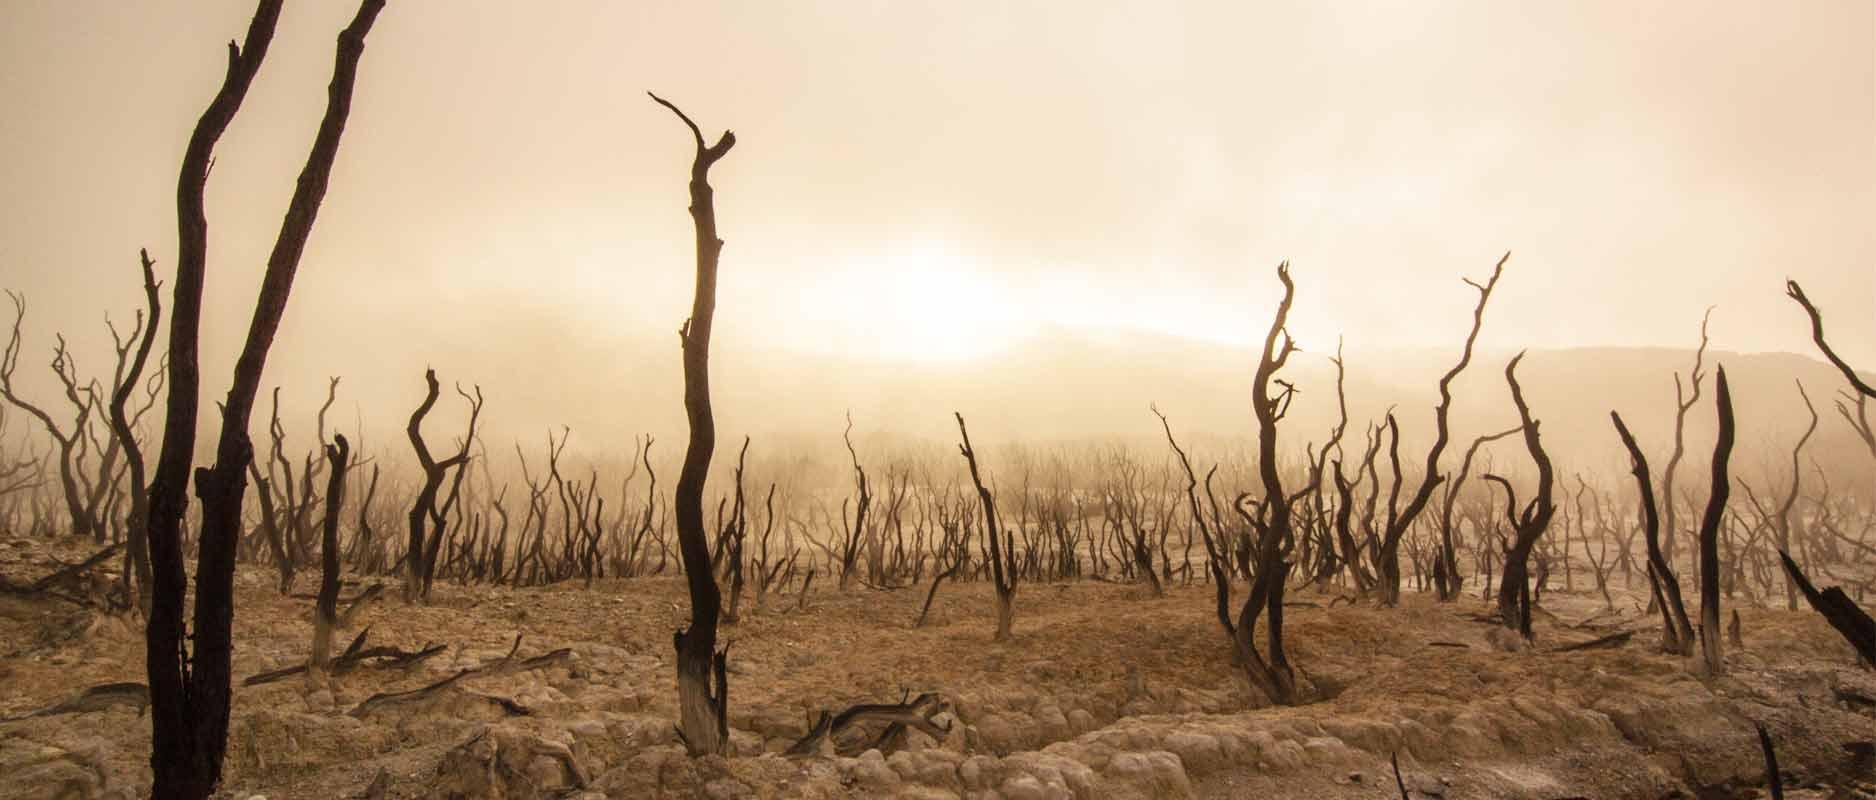 De verwoeste steden Sodom en Gomorra